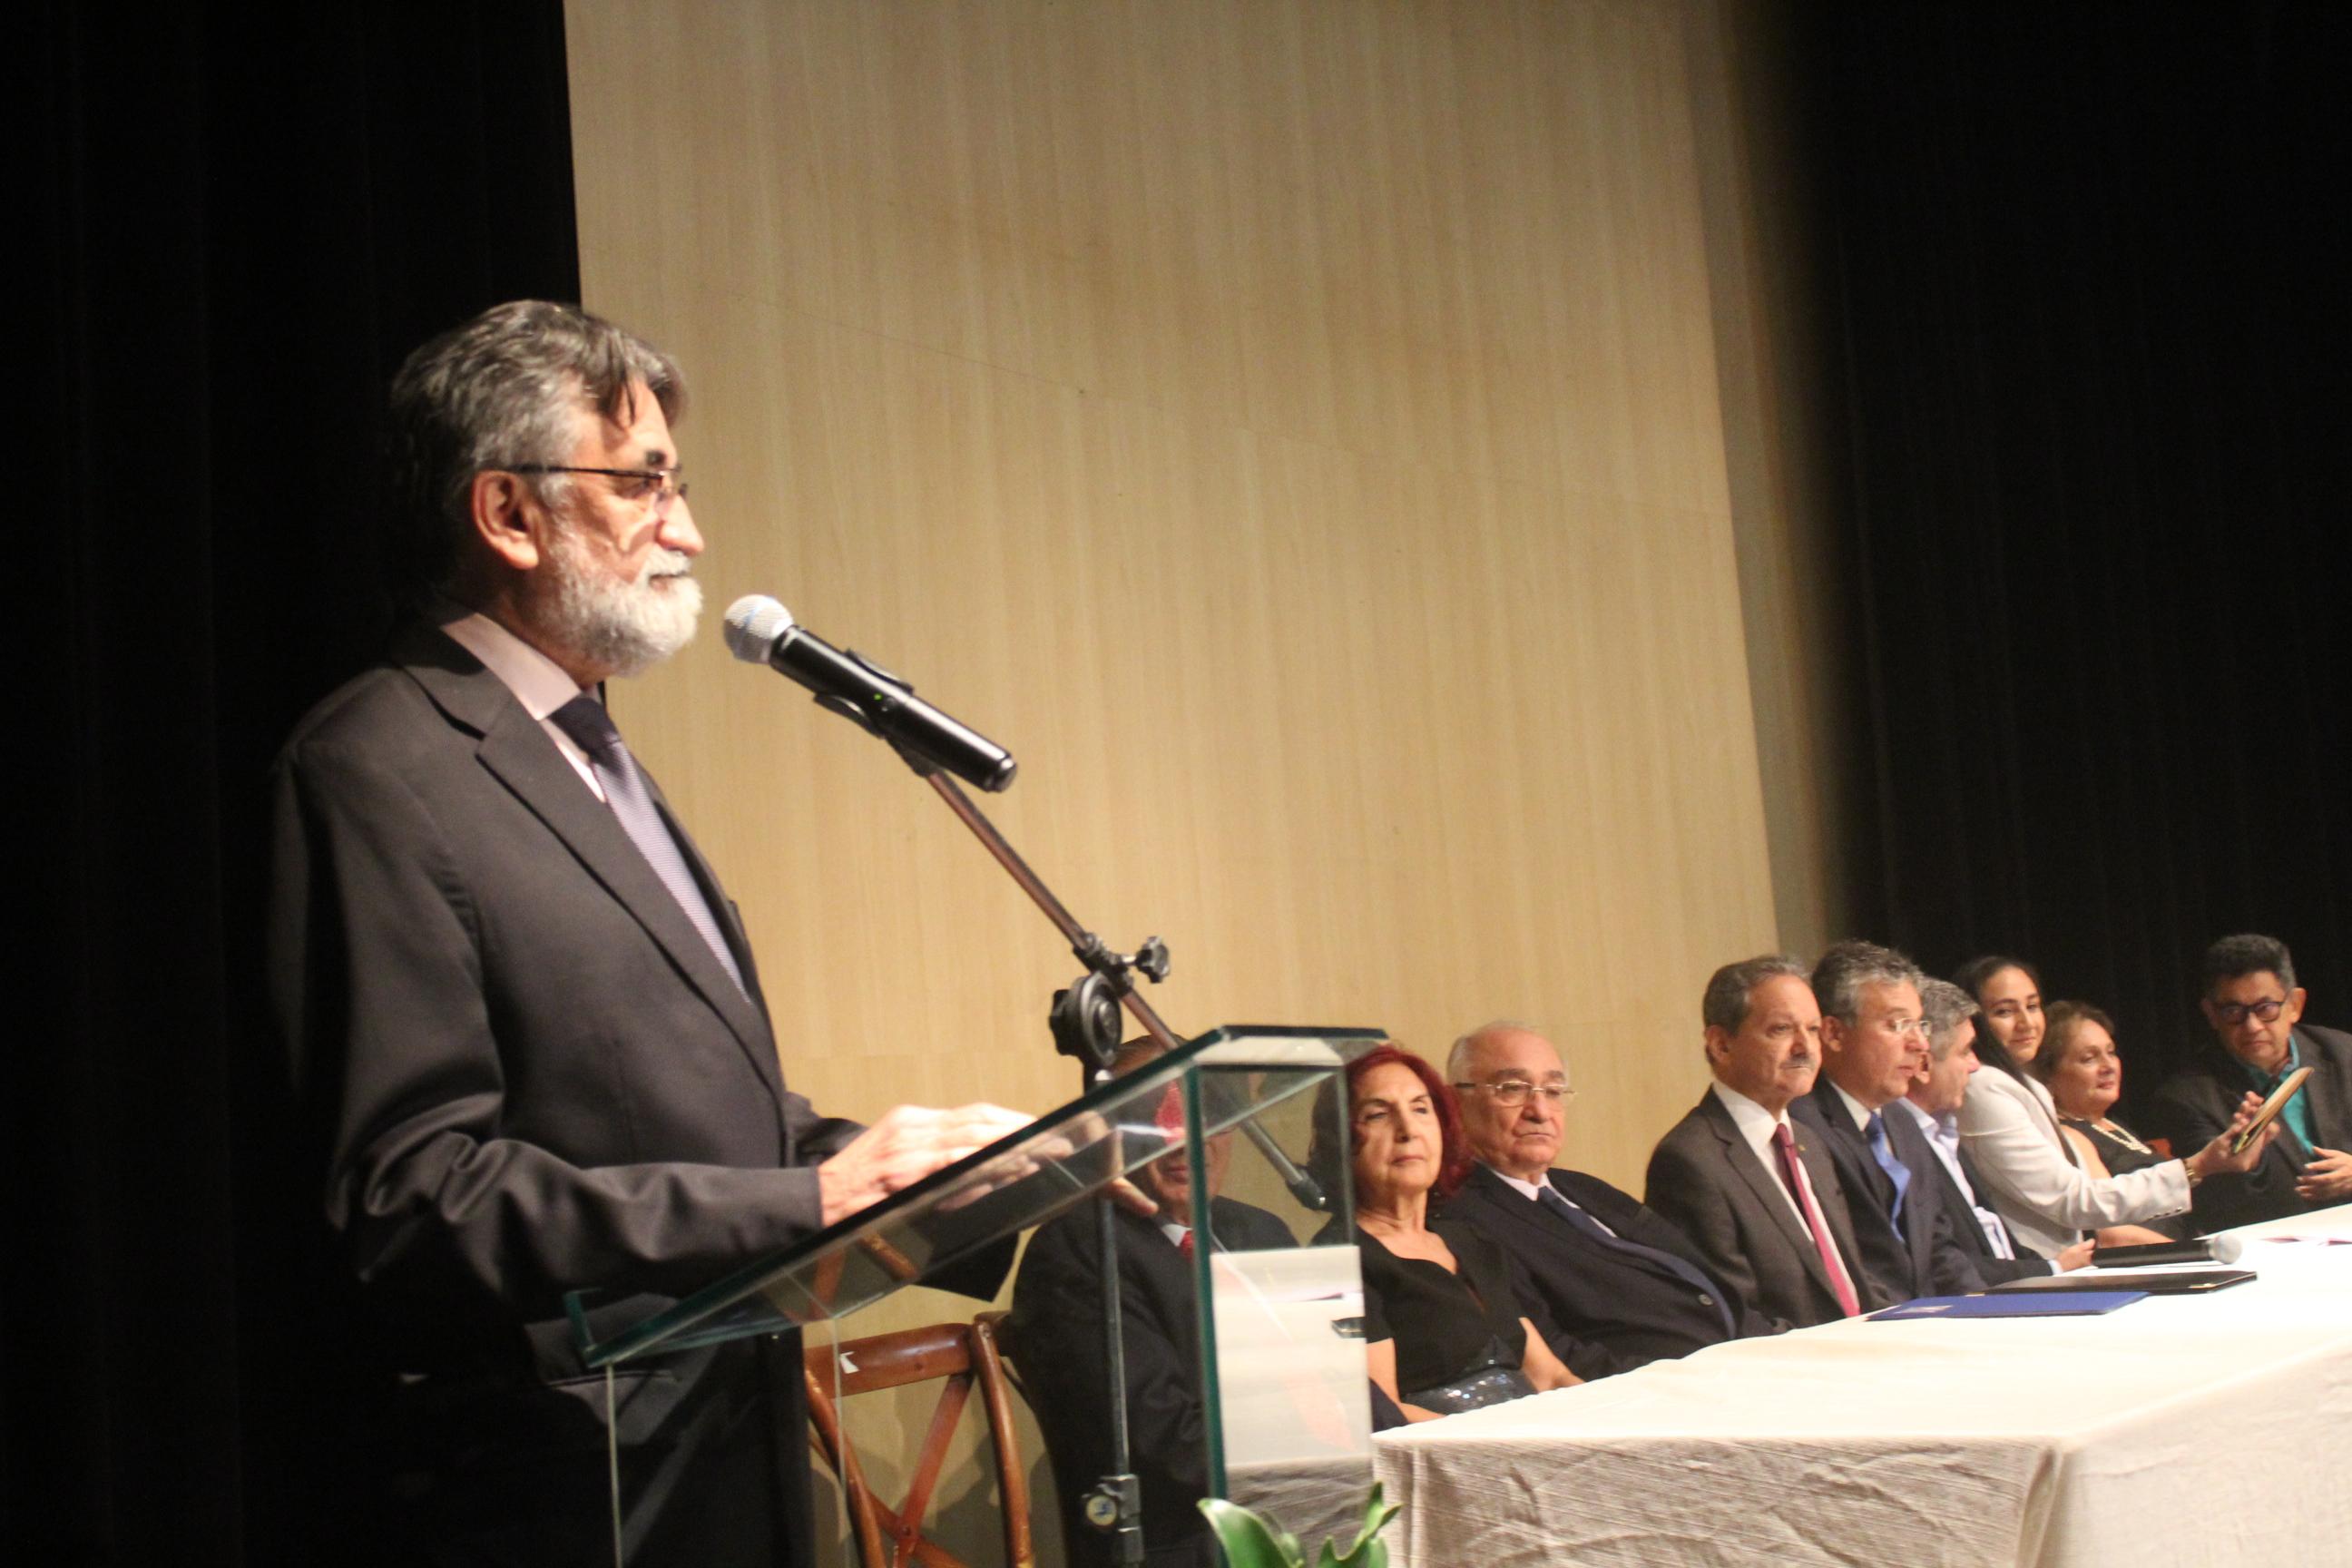 Médico José Itamar Abreu Costa é o novo imortal da APL